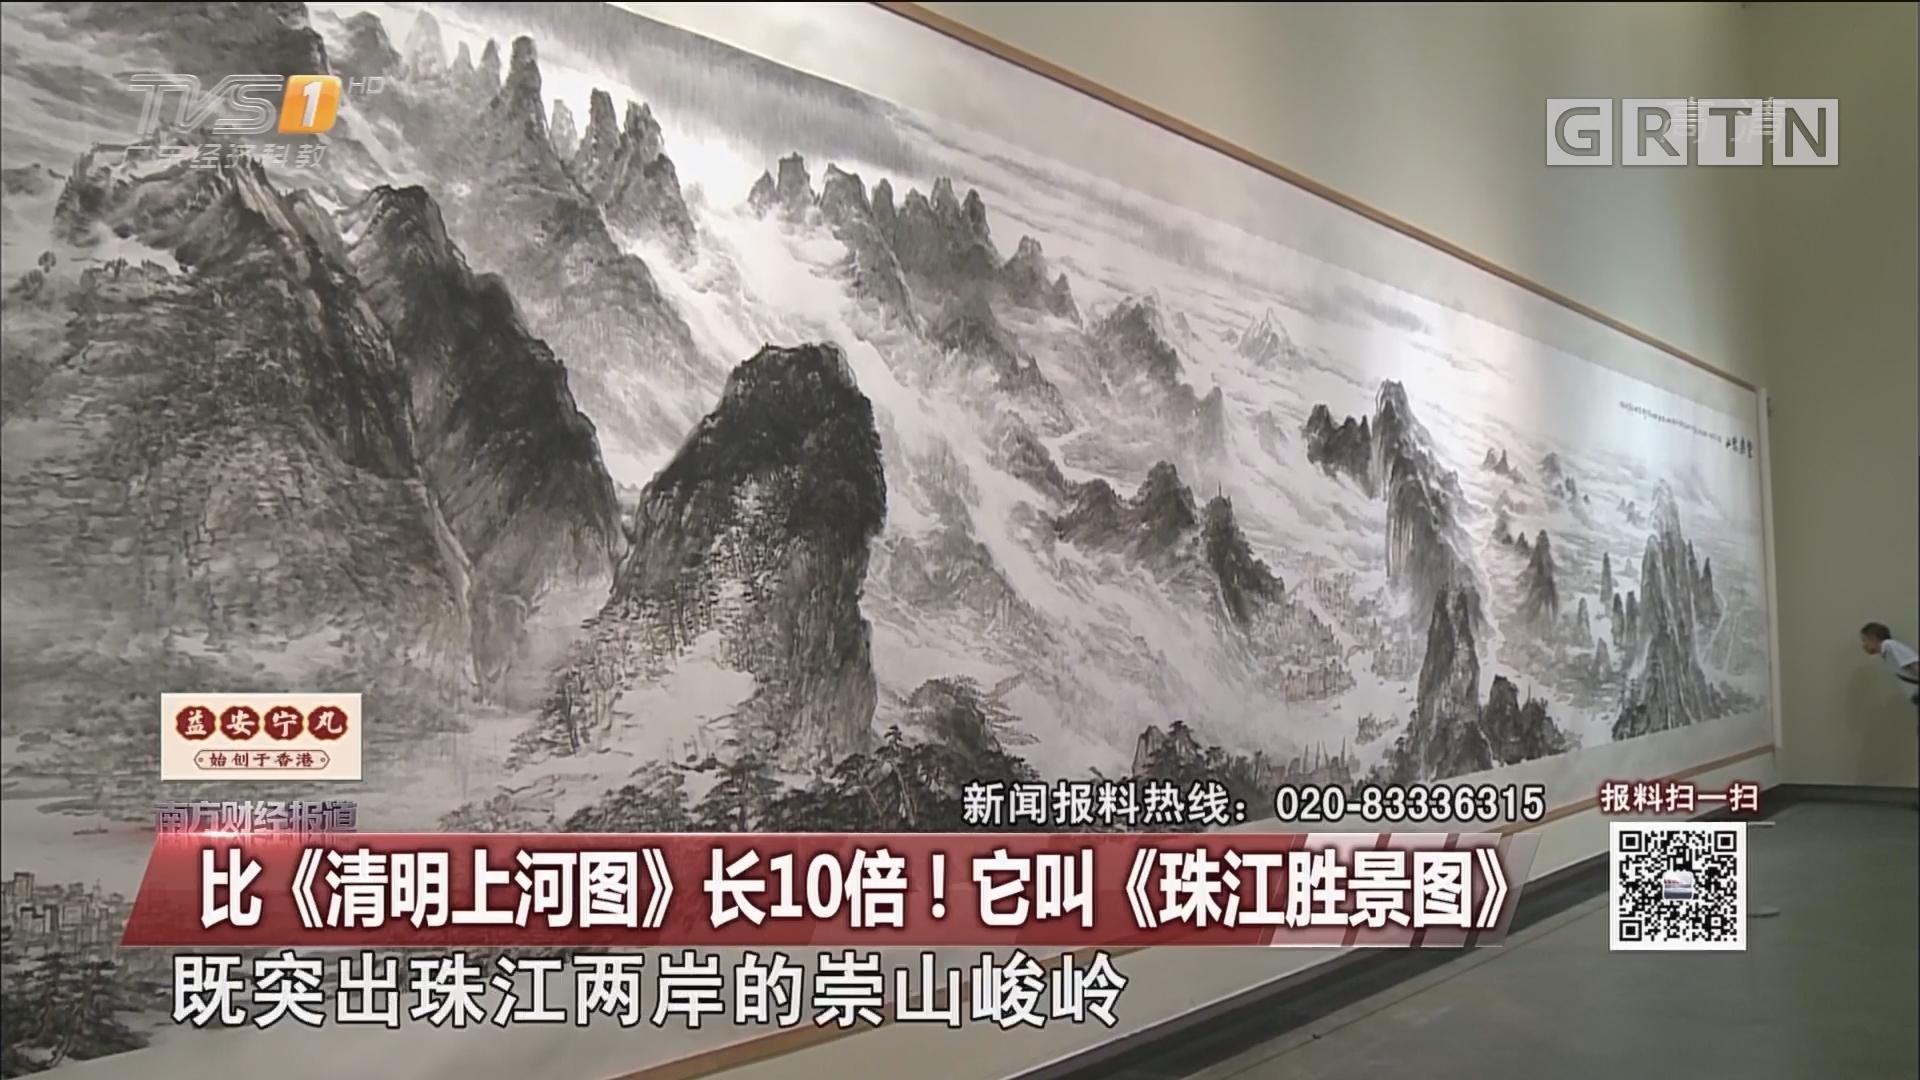 比《清明上河图》长10倍!它叫《珠江胜景图》